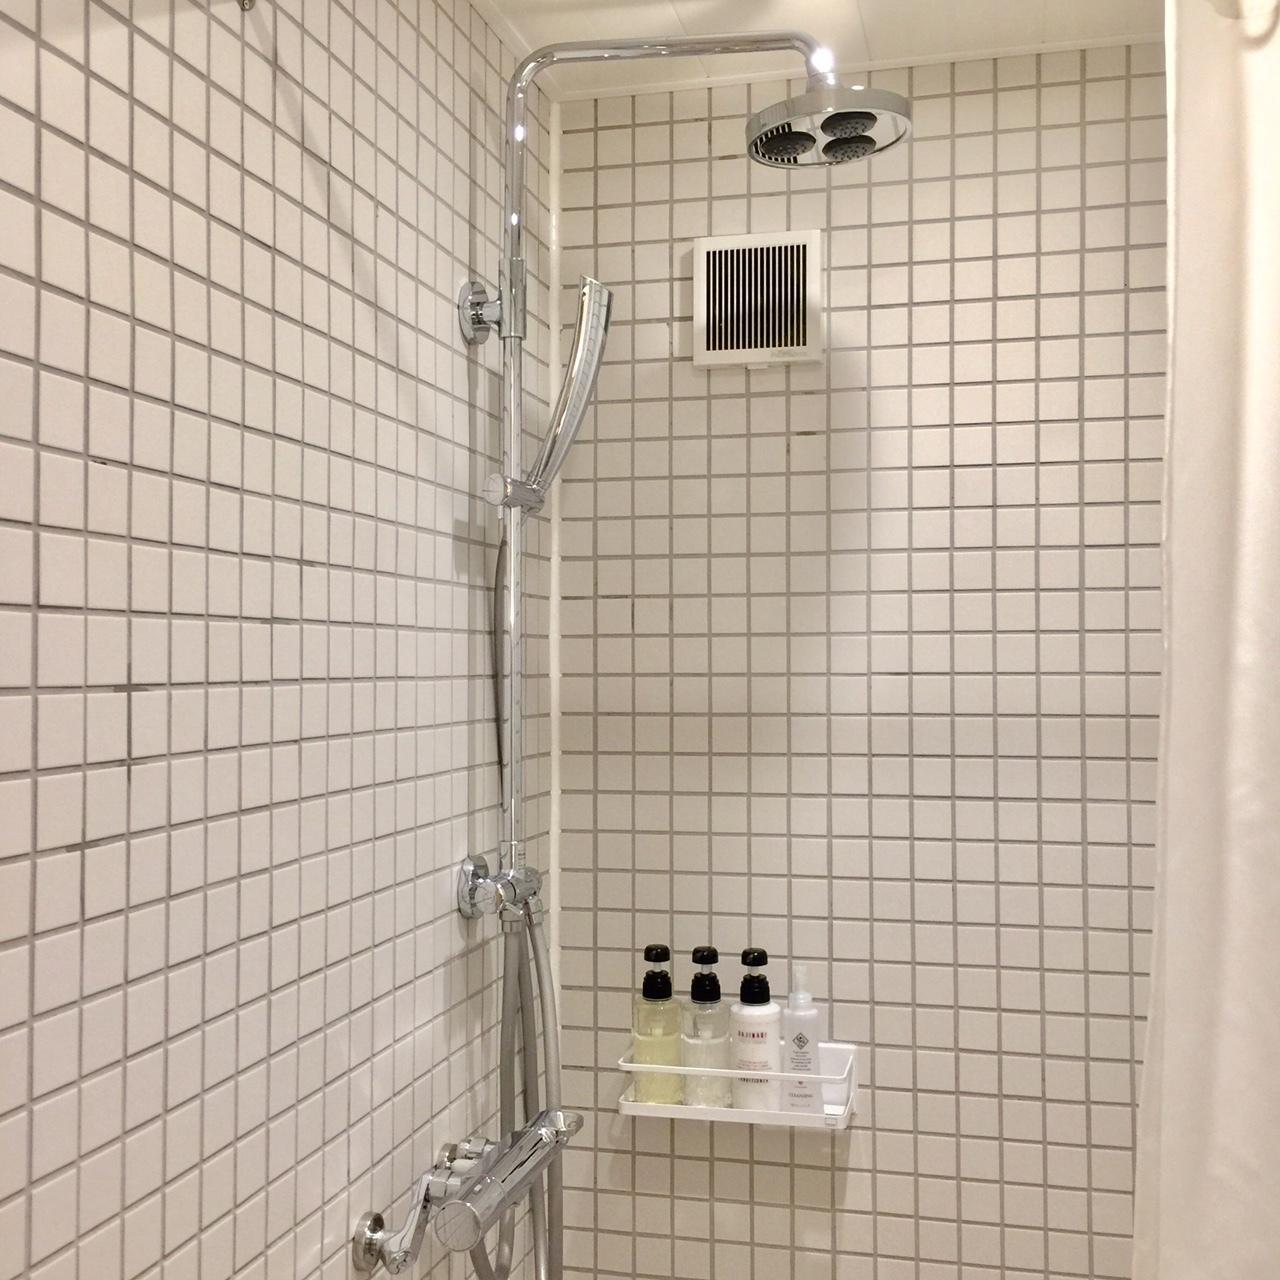 京都にできた北欧スタイルの宿、MAJA HOTEL KYOTOに泊まる!_1_4-15